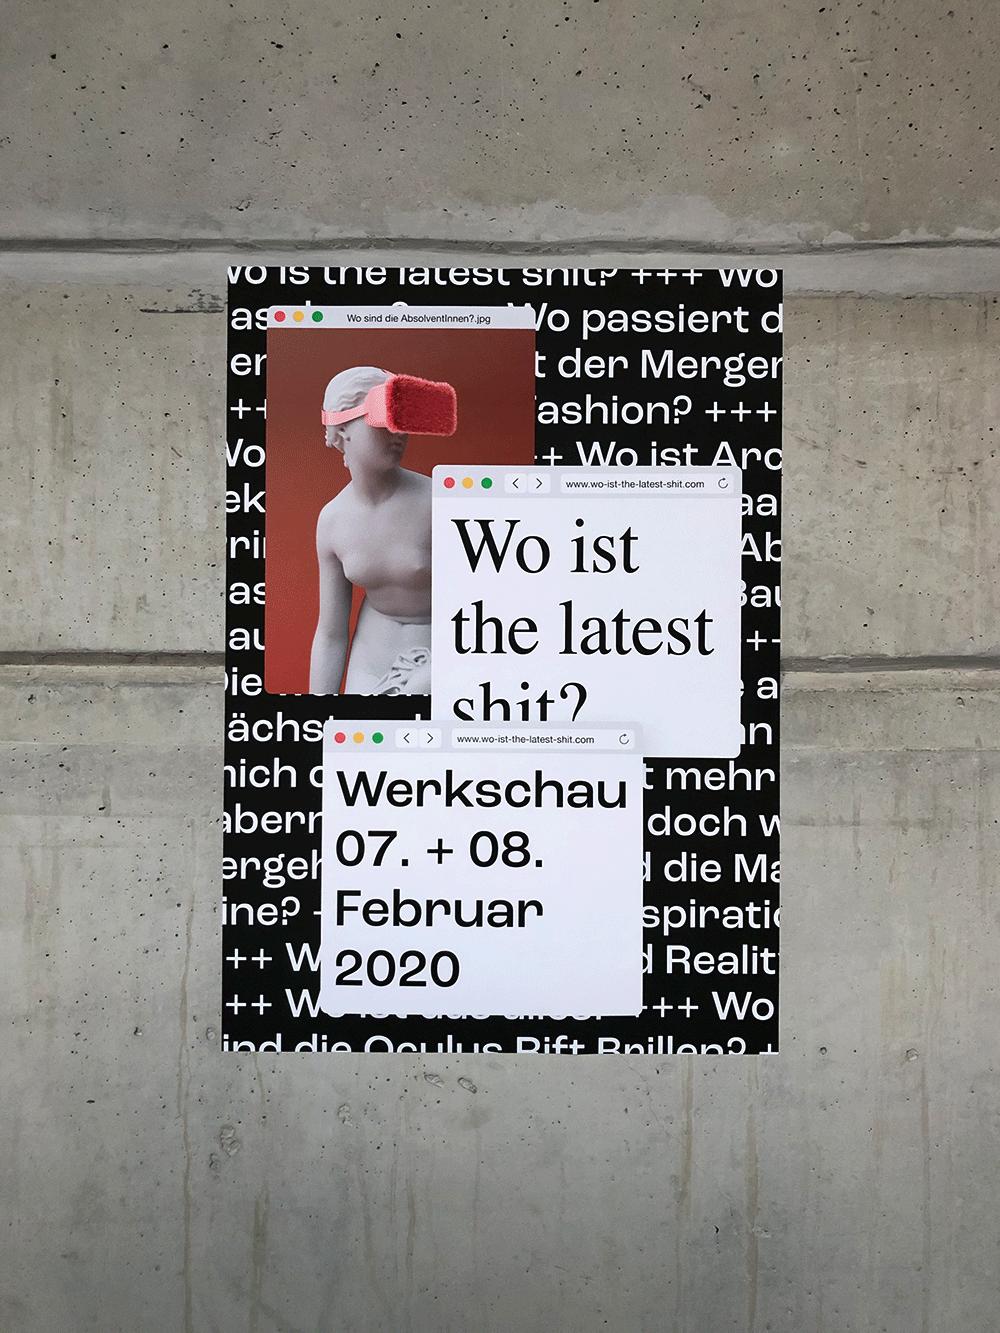 Kampagne für Ausstellung der Werkschau an der HS Augsburg